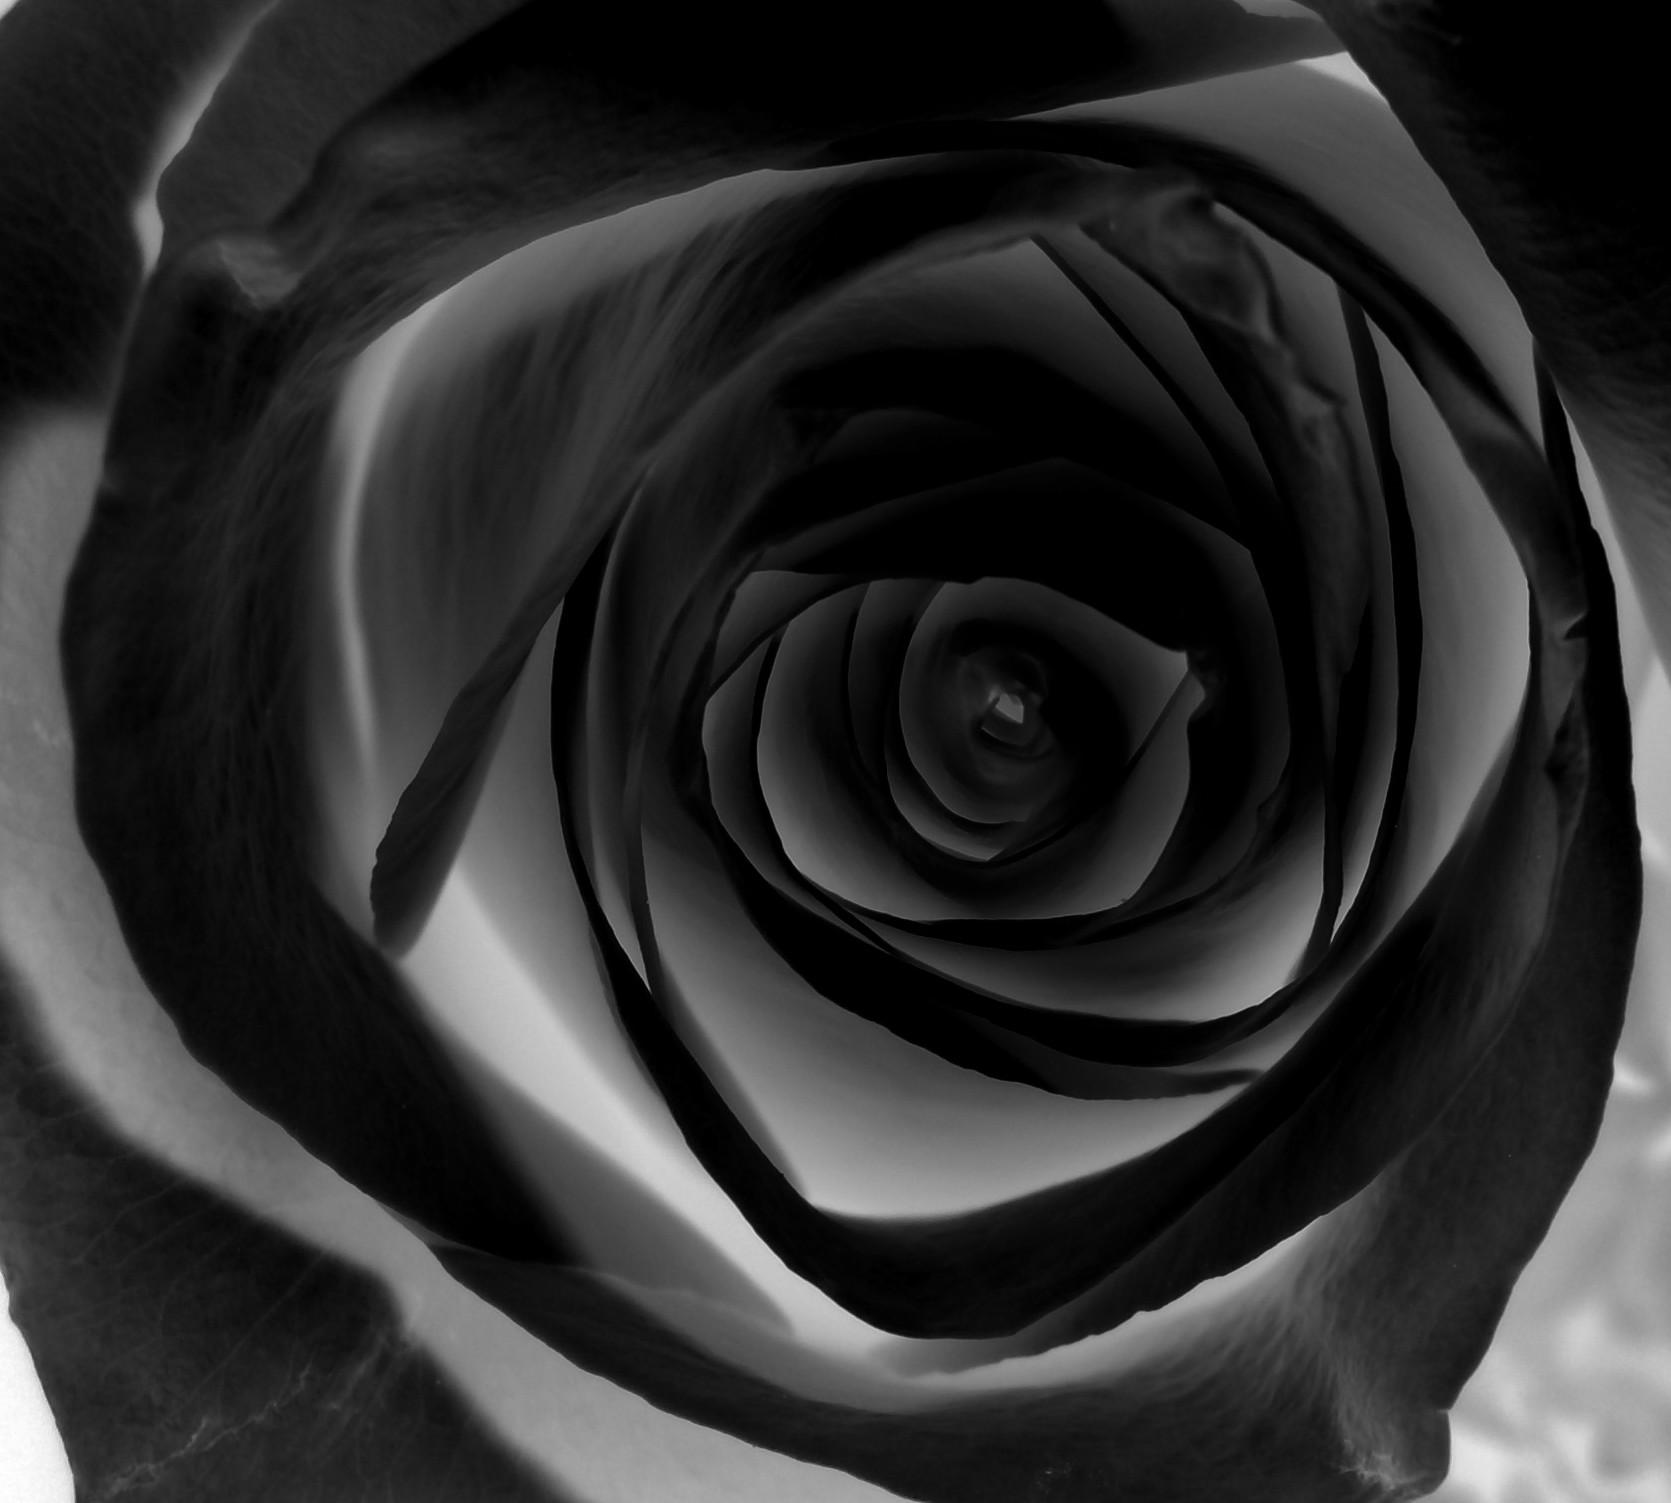 12 Black Rose Graphics Images Rose Black Background Design Black